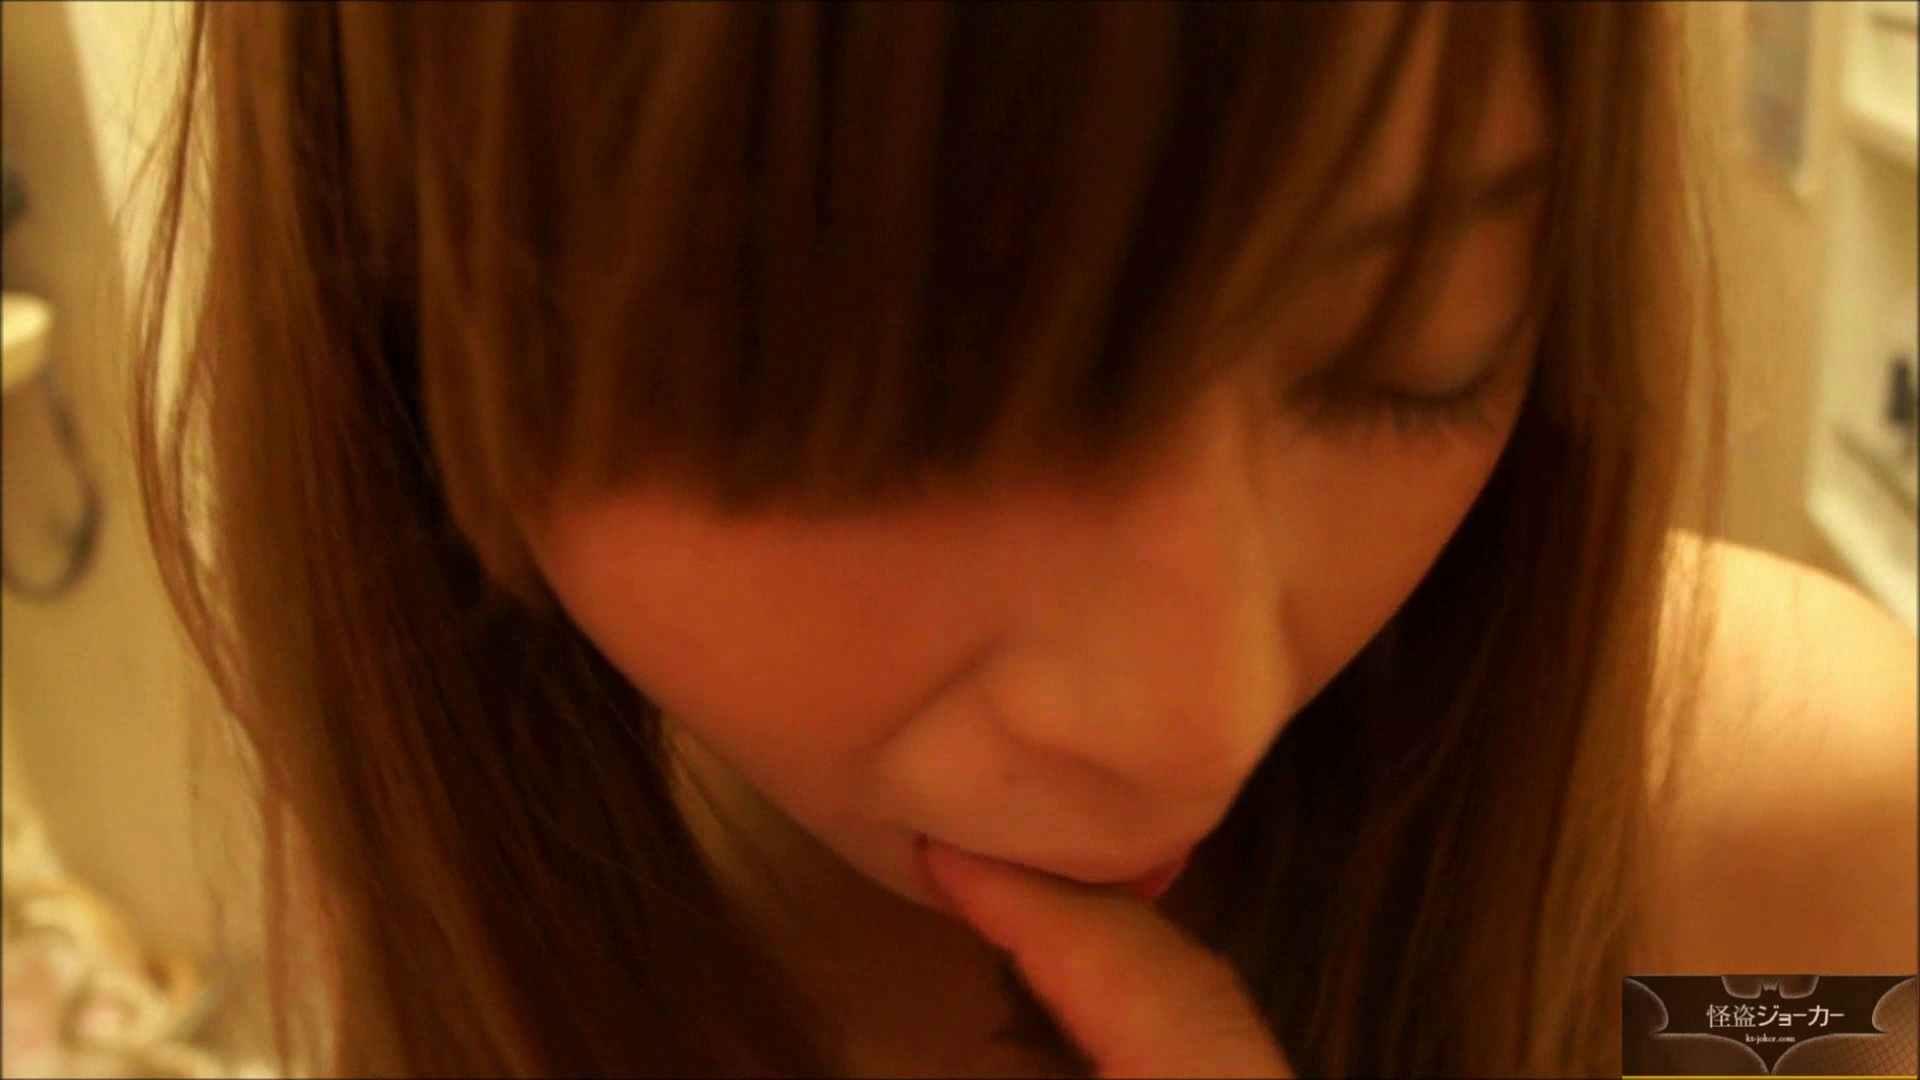 【未公開】vol.36 【援助】鏡越しの朋葉を見ながら・・・ セックス おまんこ動画流出 88枚 39